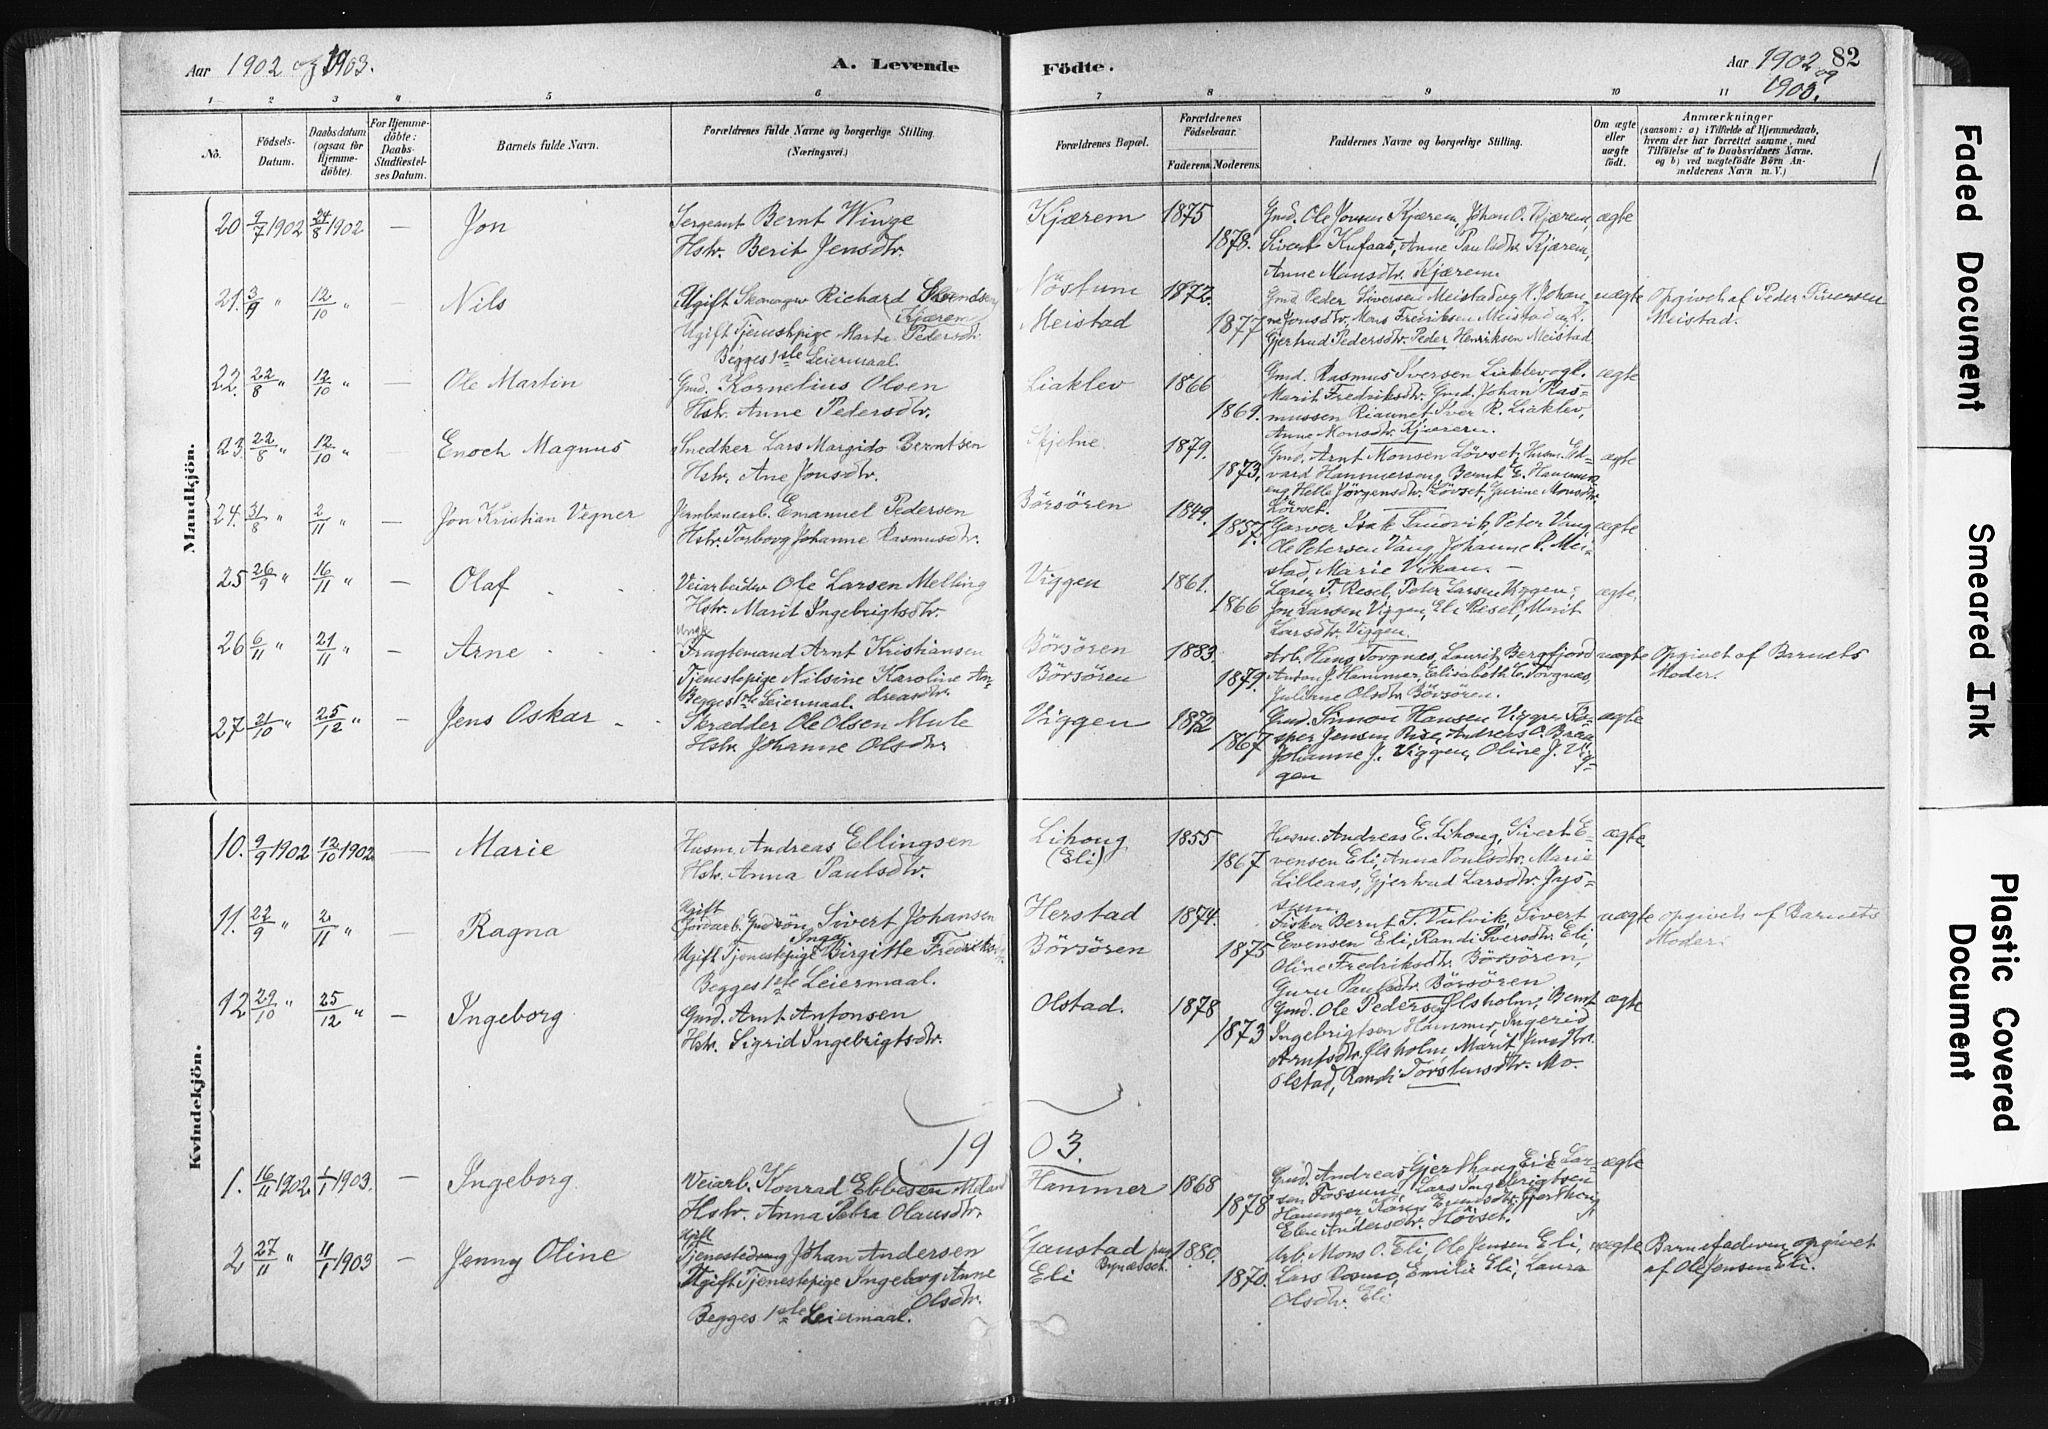 SAT, Ministerialprotokoller, klokkerbøker og fødselsregistre - Sør-Trøndelag, 665/L0773: Ministerialbok nr. 665A08, 1879-1905, s. 82